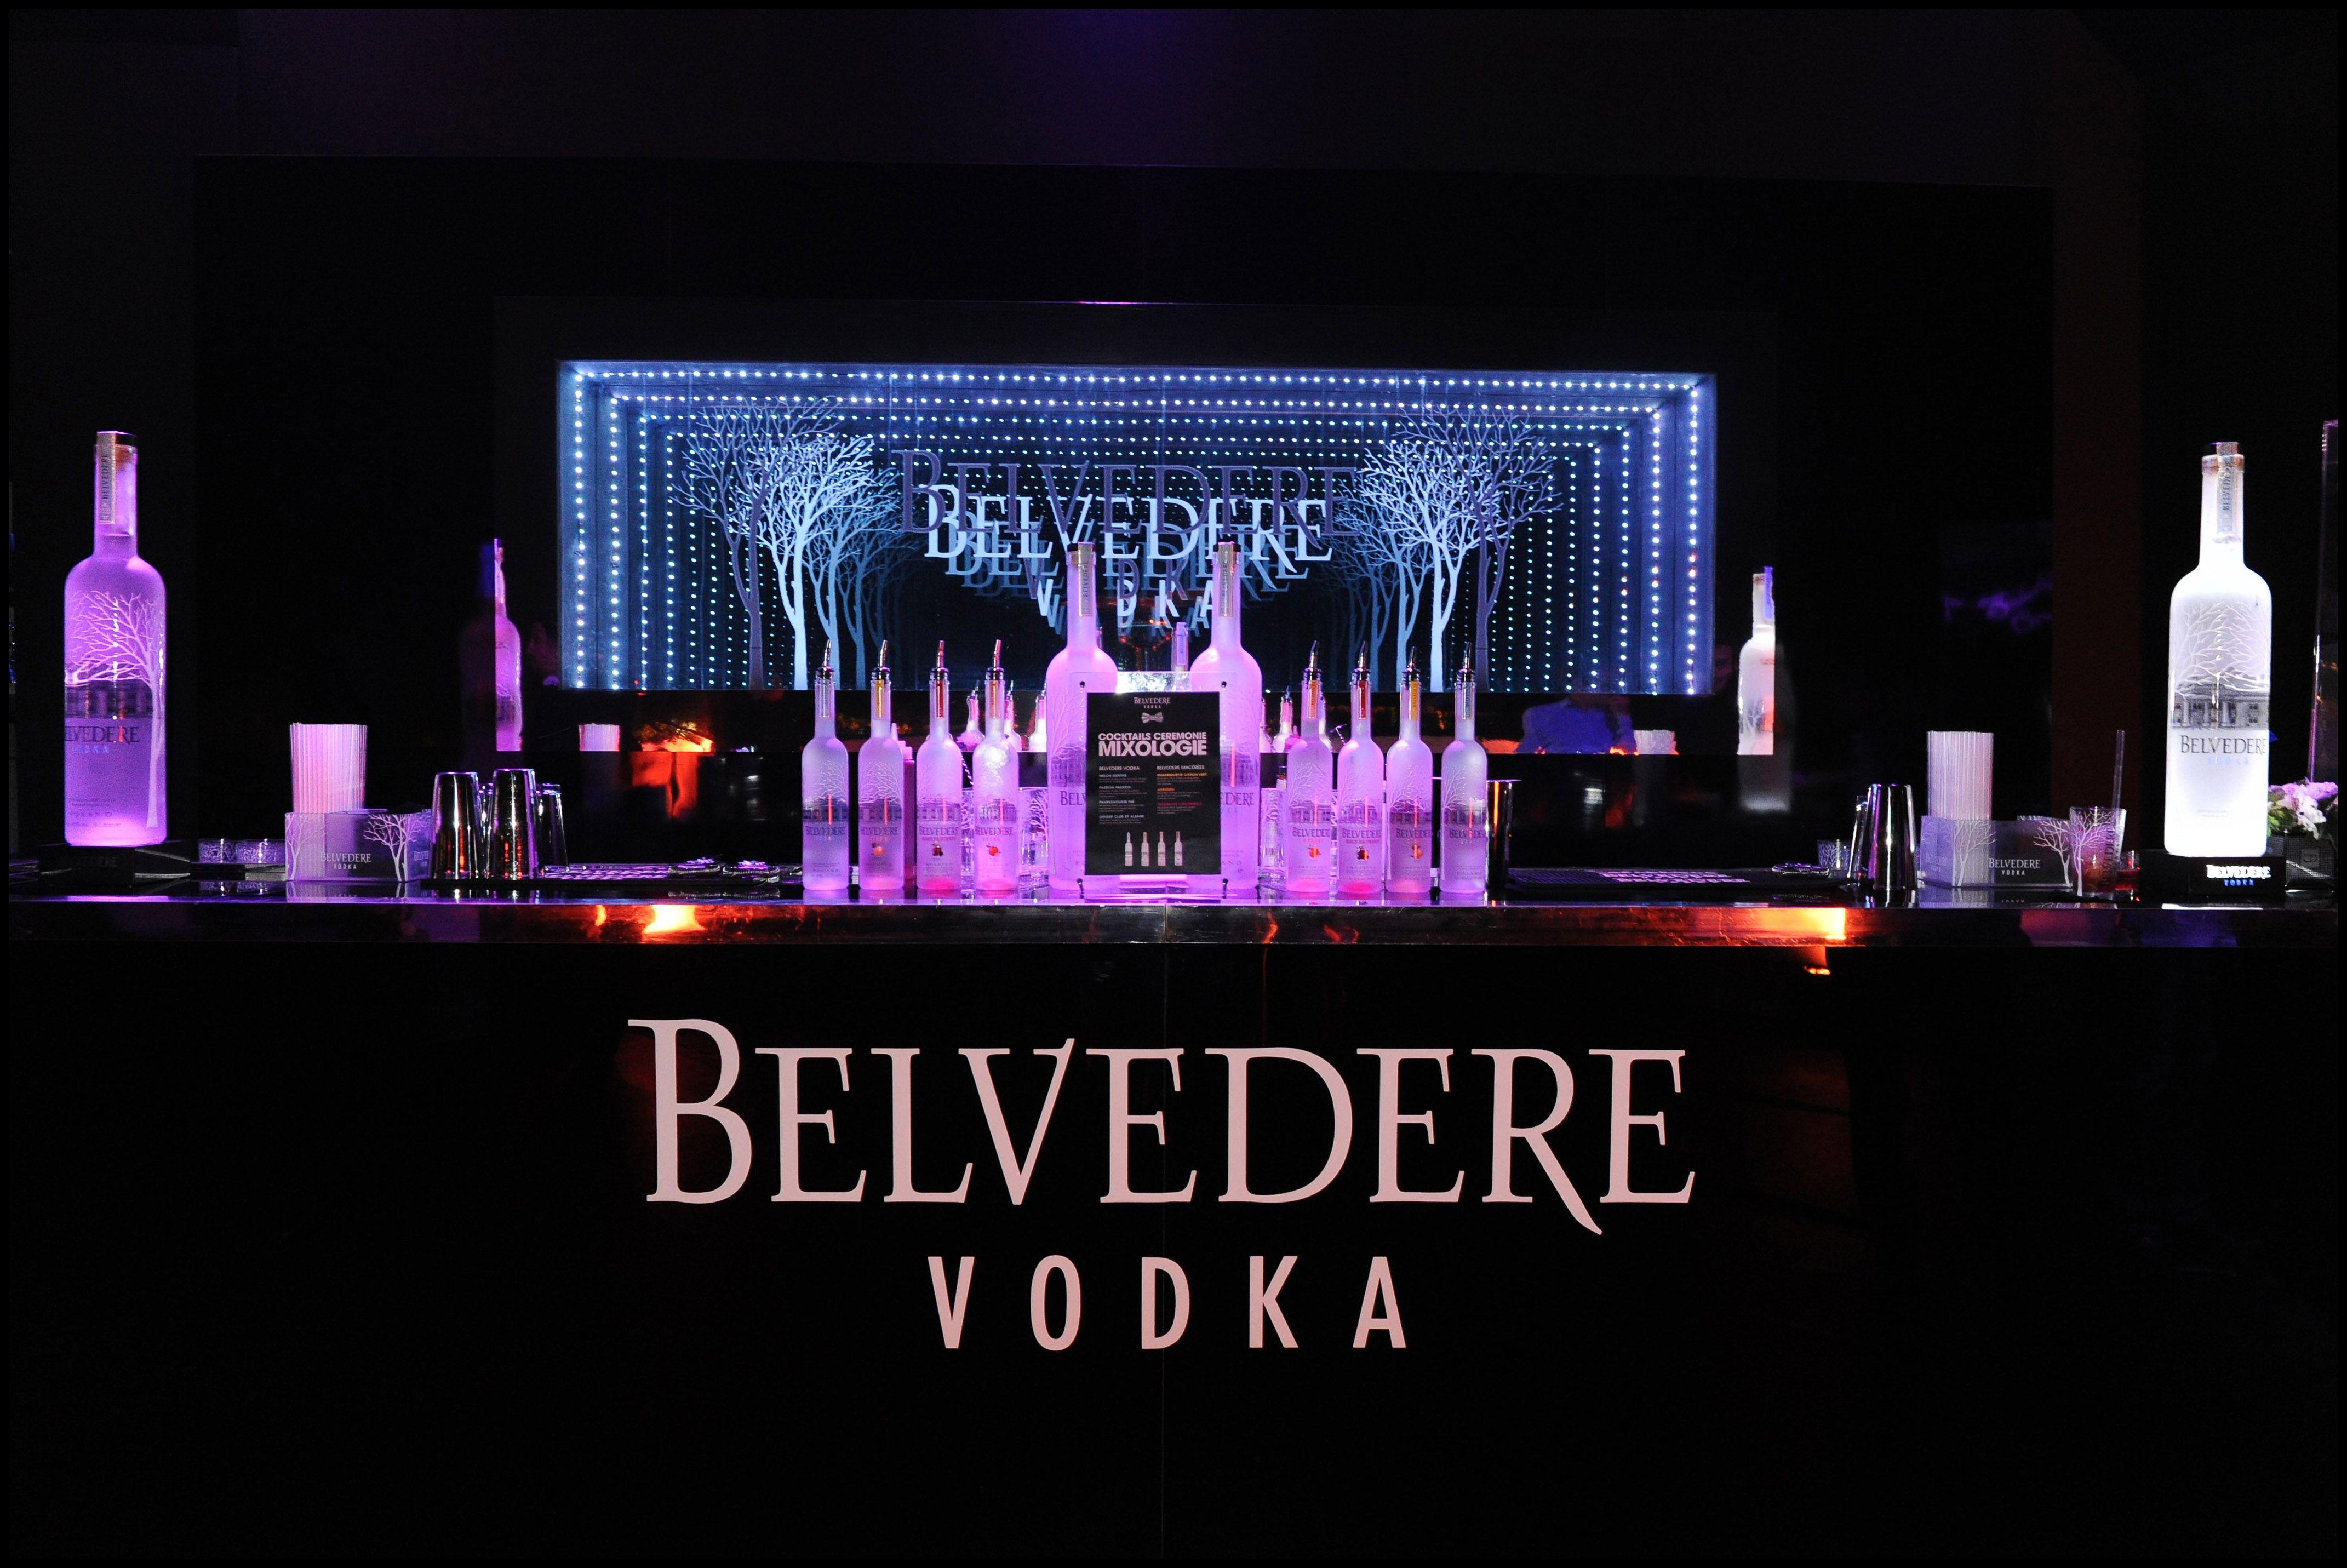 Belvedere vodka - Design by QSLD